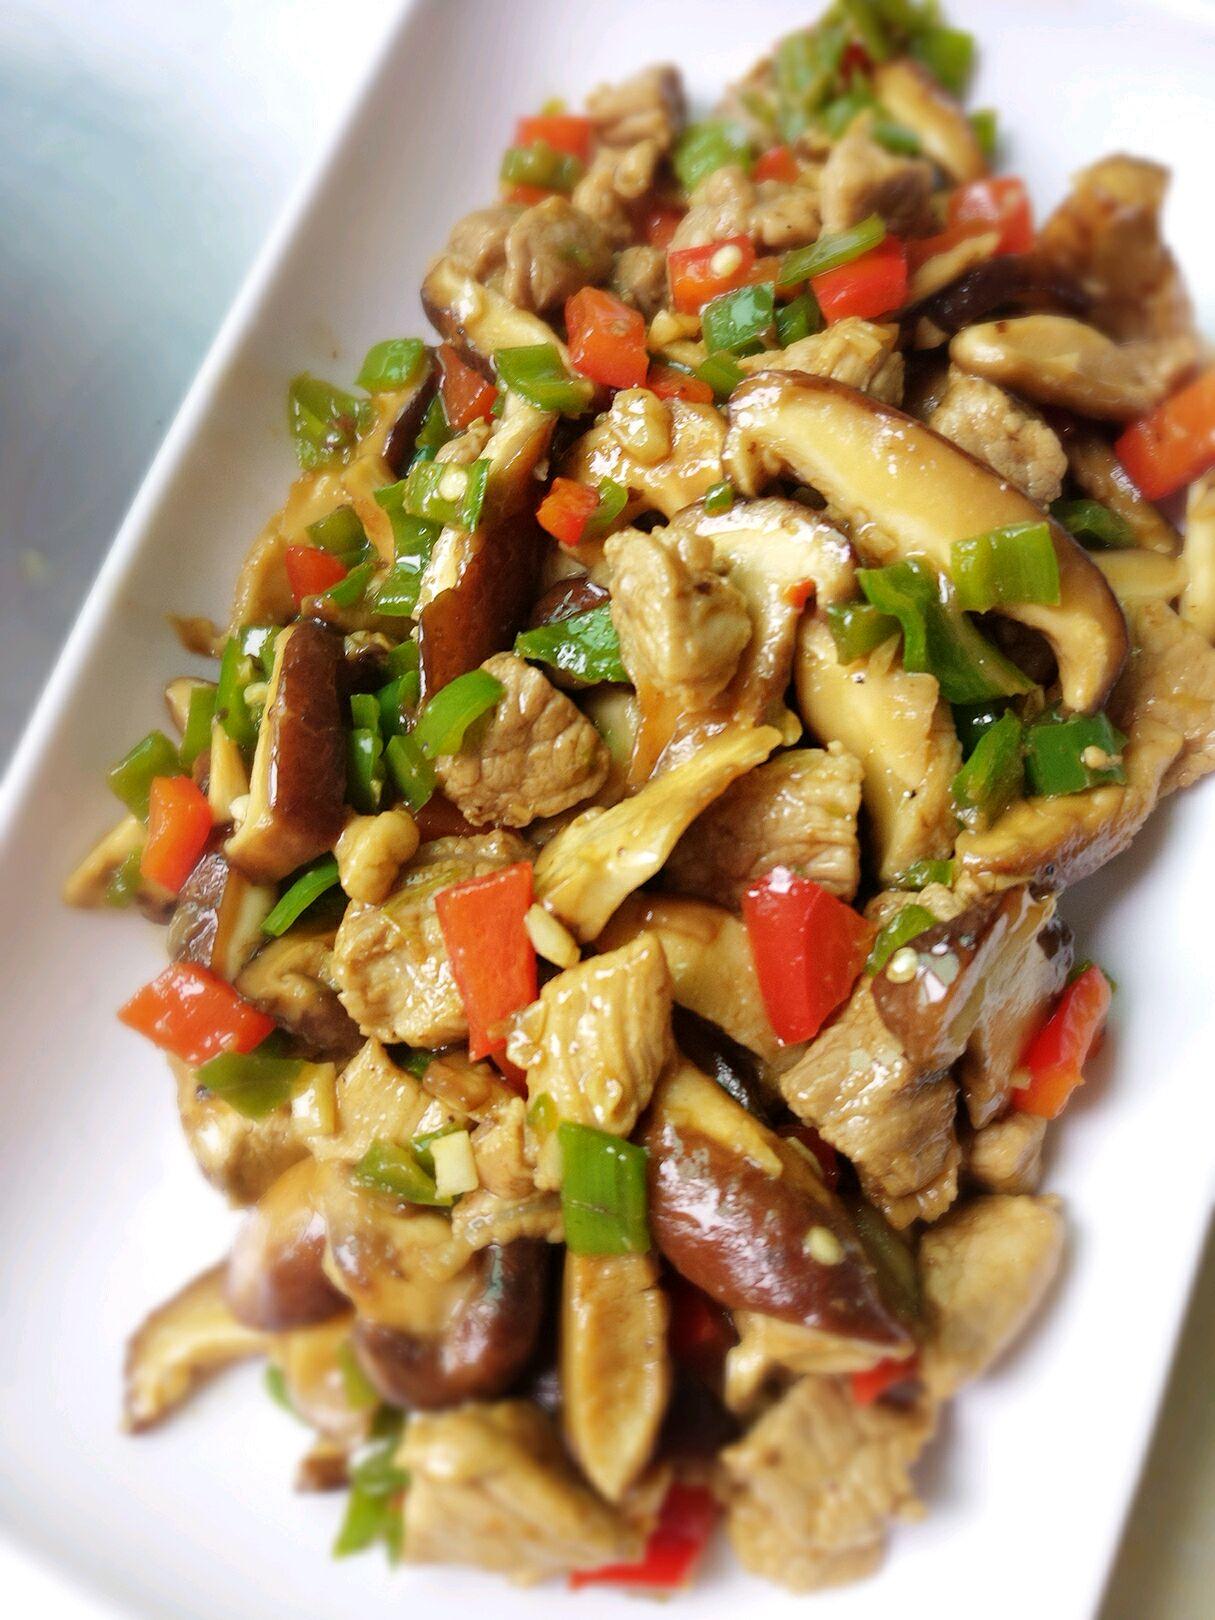 蘑菇的做法大全_蘑菇炒肉的做法_【图解】蘑菇炒肉怎么做如何做好吃_蘑菇炒肉 ...